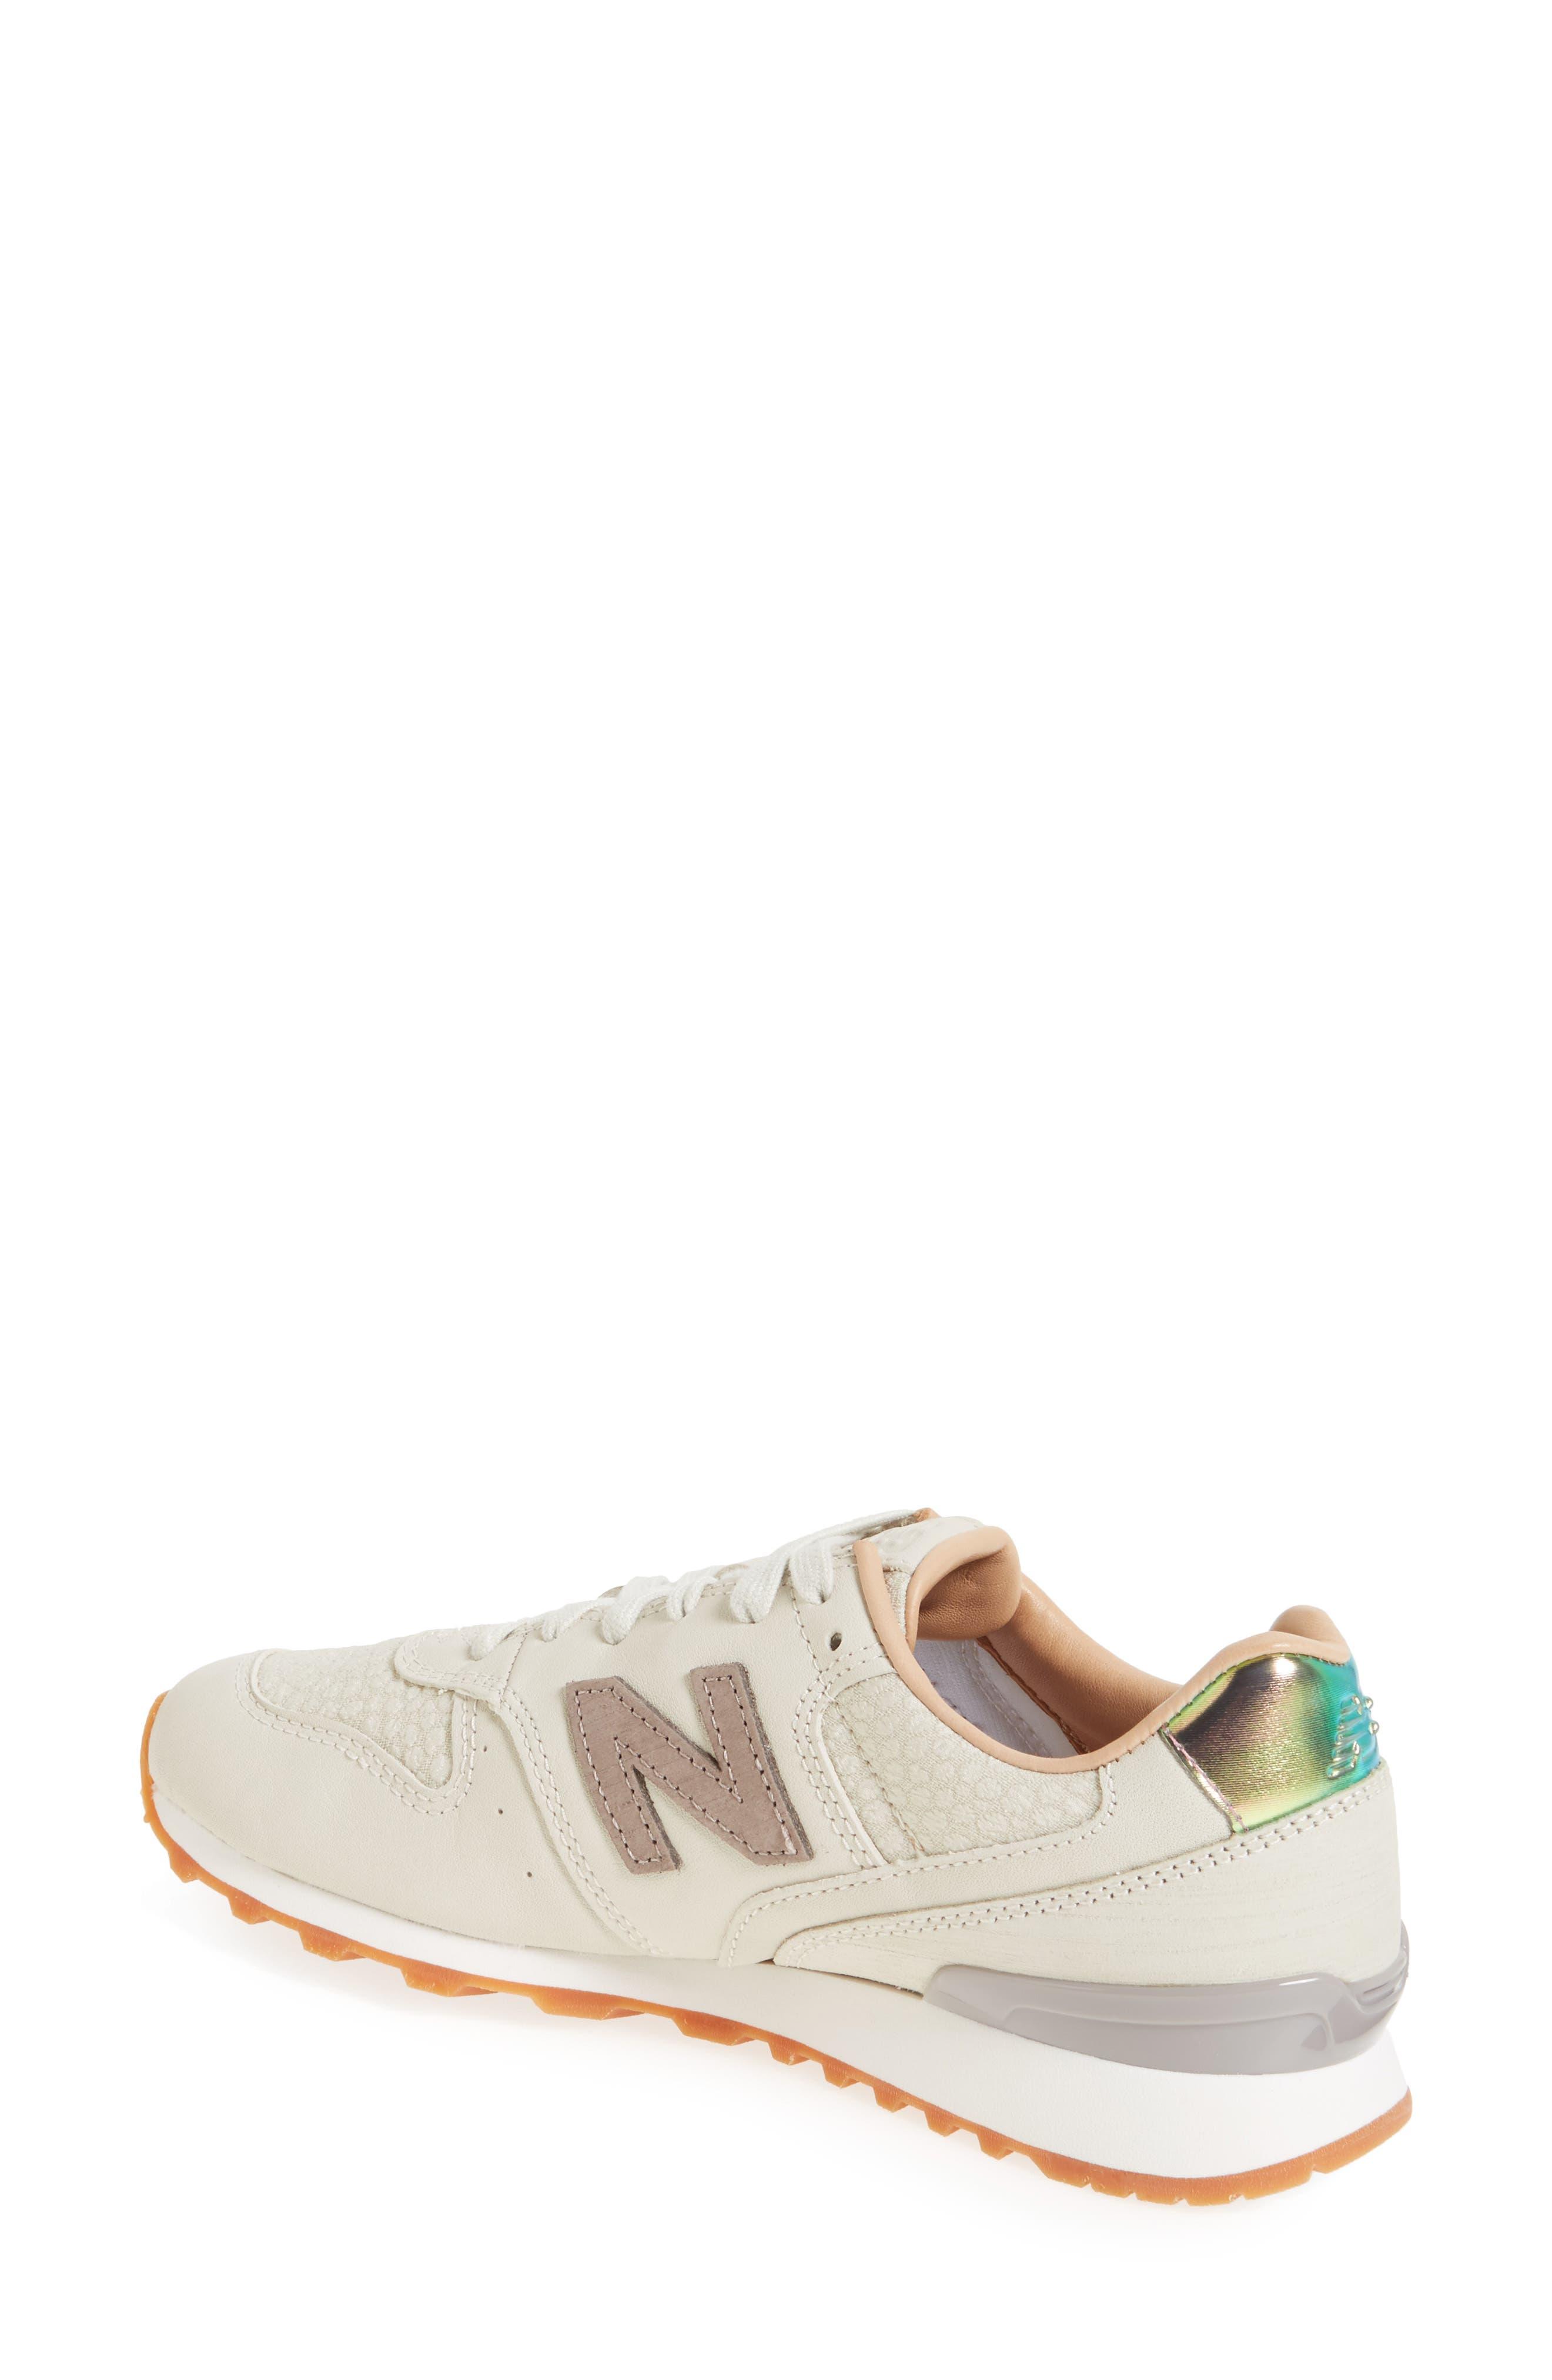 696 Sneaker,                             Alternate thumbnail 2, color,                             250